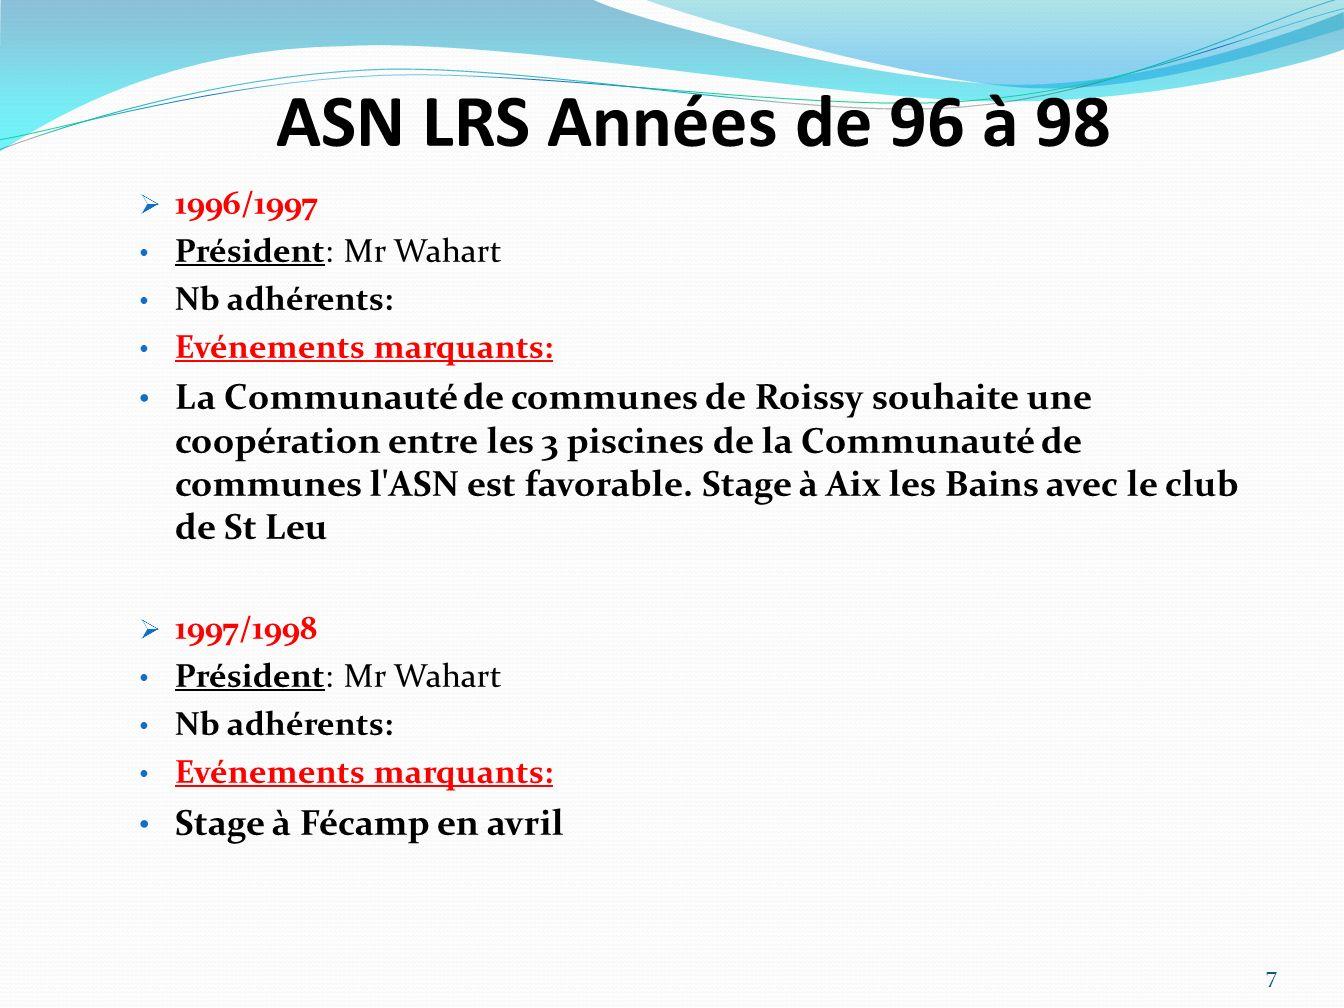 ASN LRS Années de 96 à 98 1996/1997. Président: Mr Wahart. Nb adhérents: Evénements marquants: